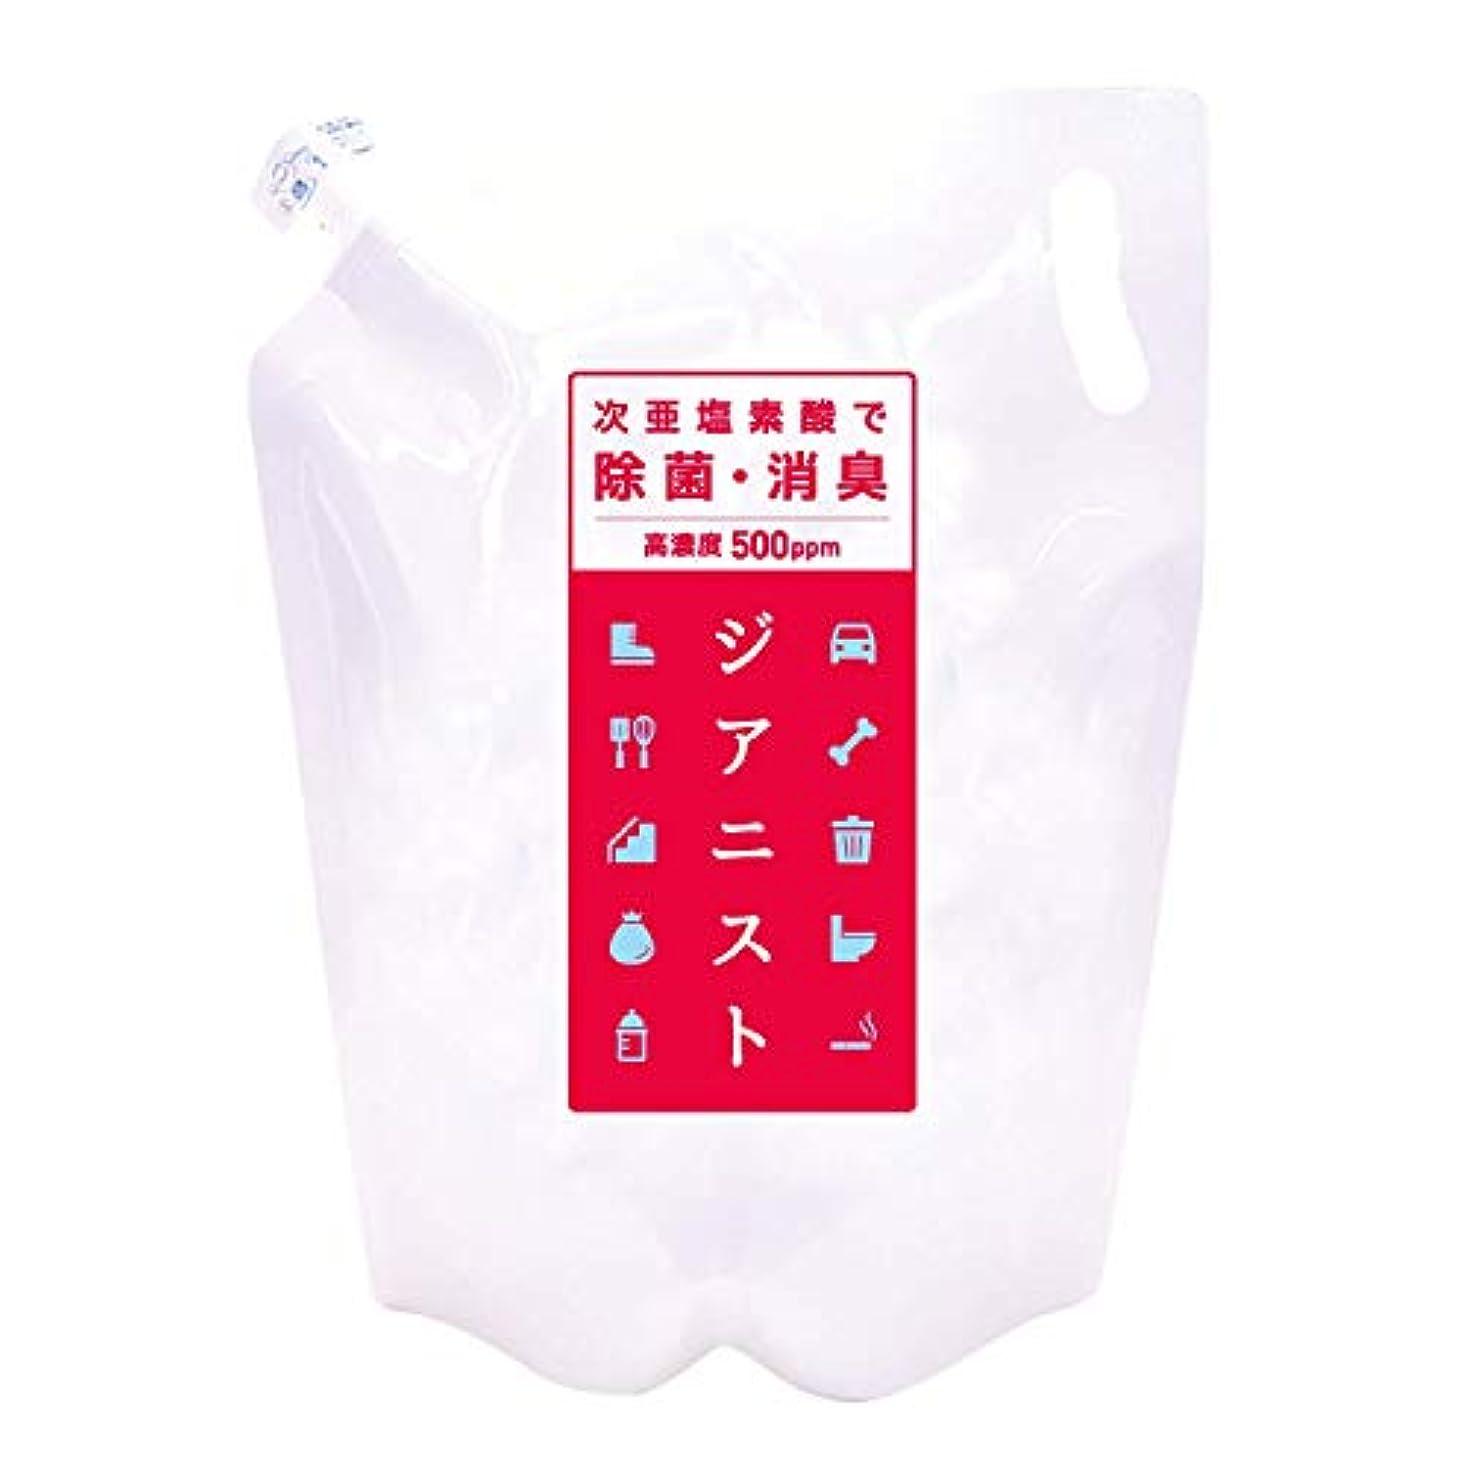 かき混ぜるケントインタラクション大容量 2500mL ジアニスト 次亜塩素酸 高濃度 500ppm 除菌 消臭